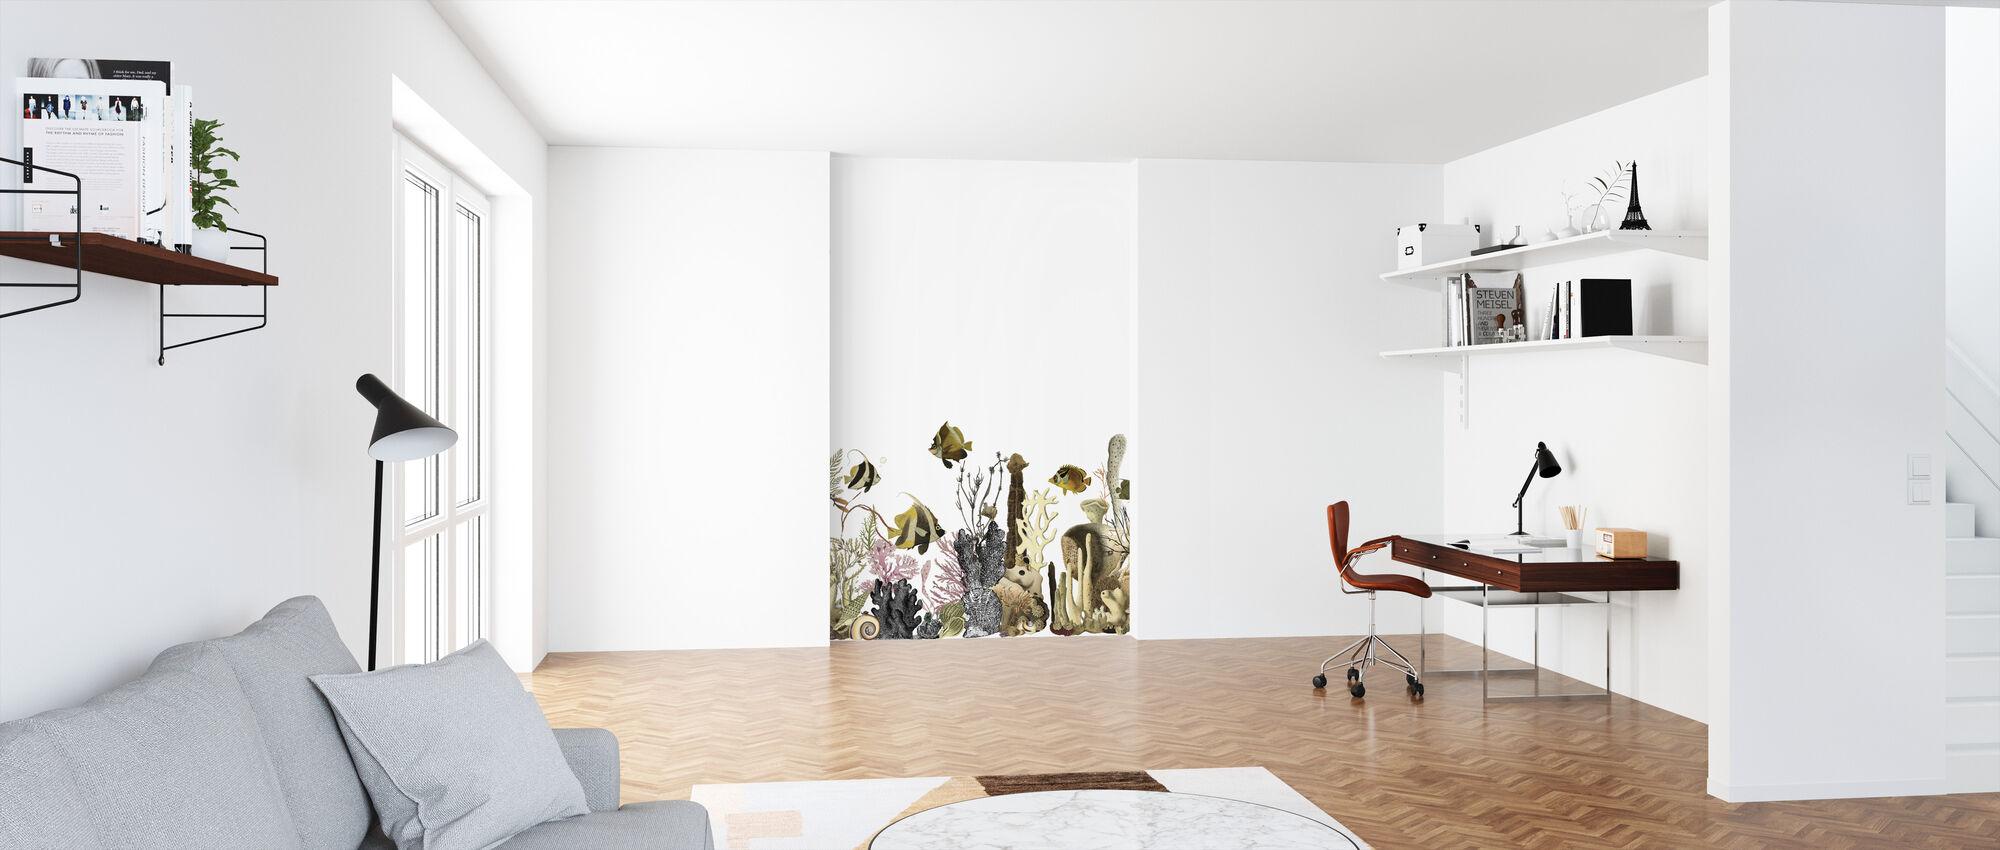 Aquarius - White - Wallpaper - Office